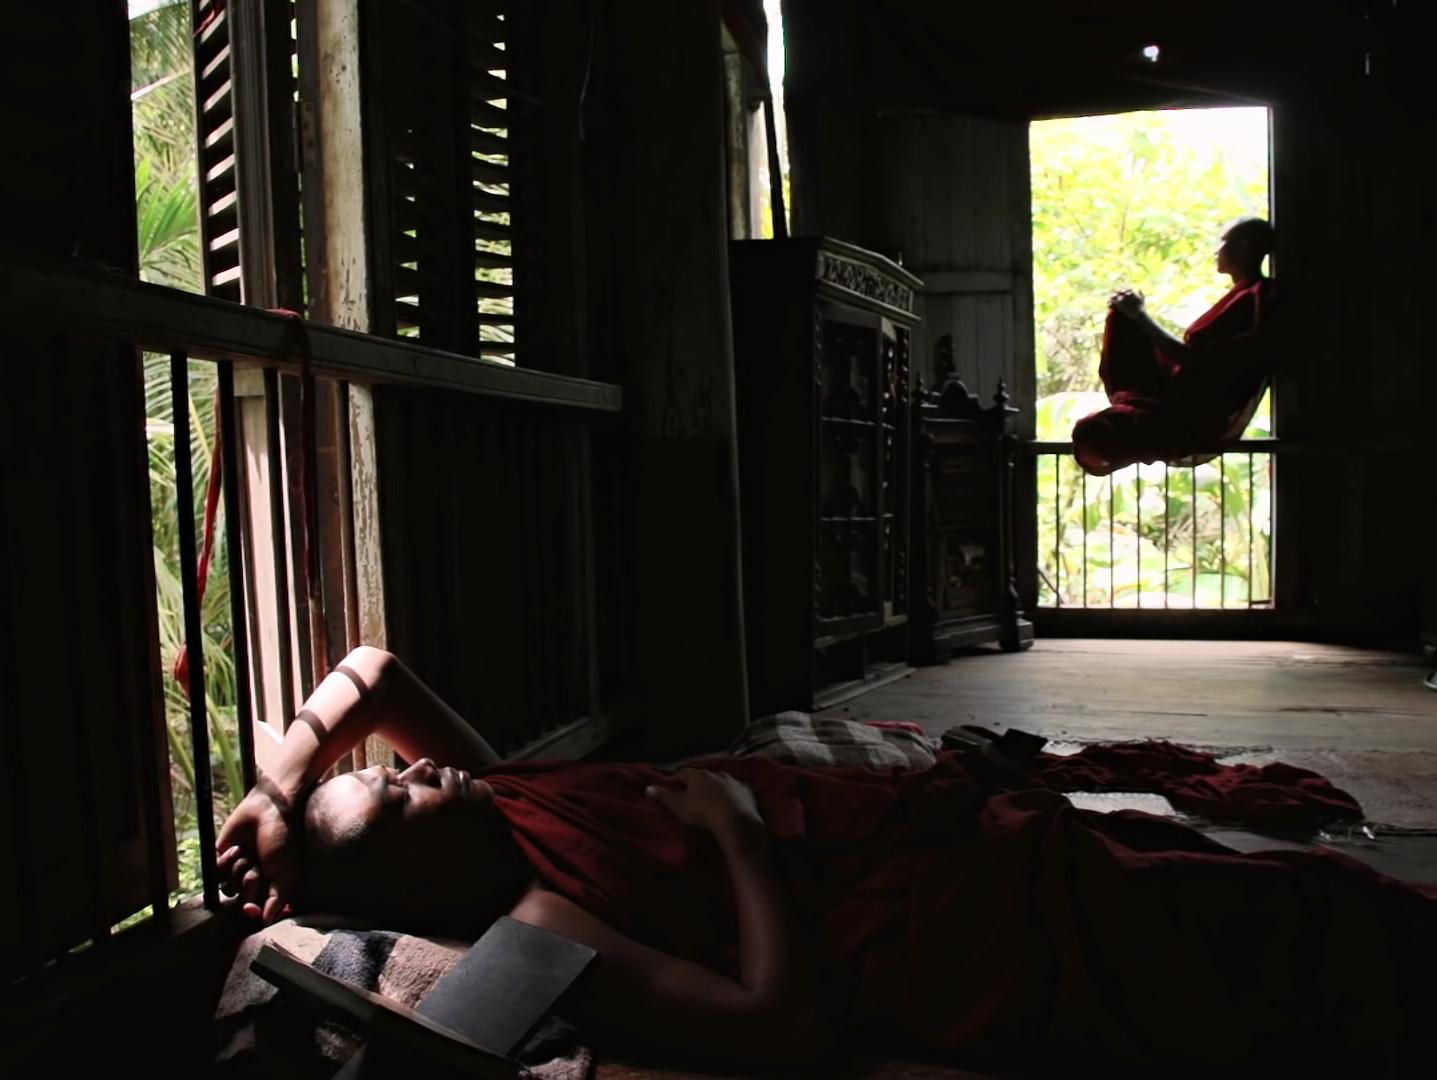 Ruutukappaus elokuvasta, munkki istuu ikkunalla